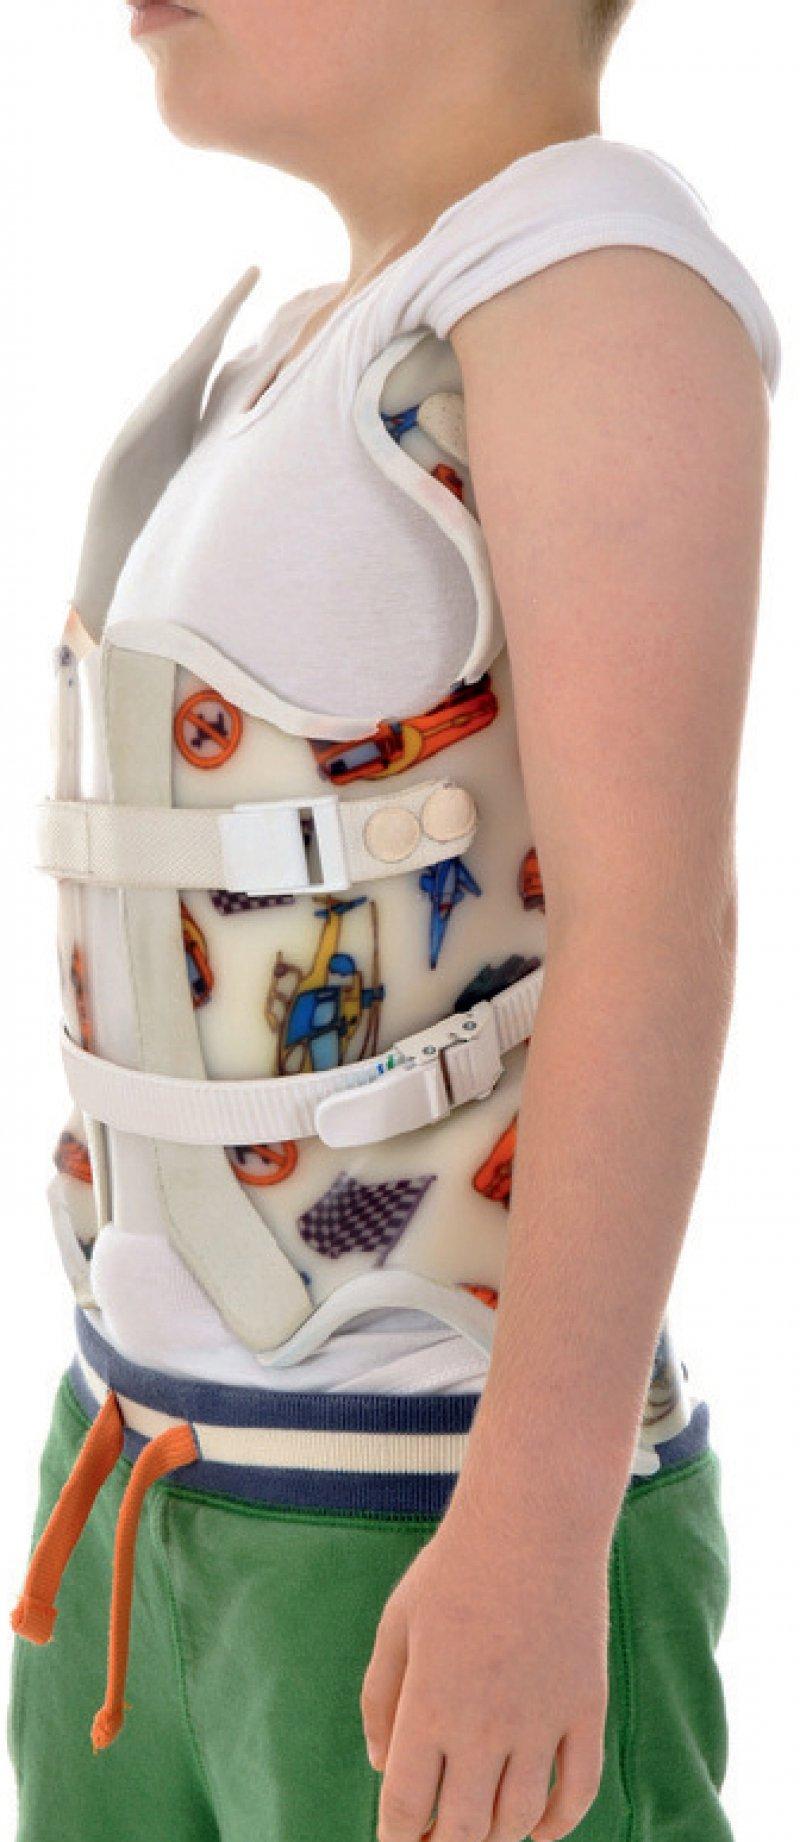 Ein digitaler Coach soll mit dazu beitragen, die therapeutische Wirkung einer Orthese zu verbessern. Foto: fotolia